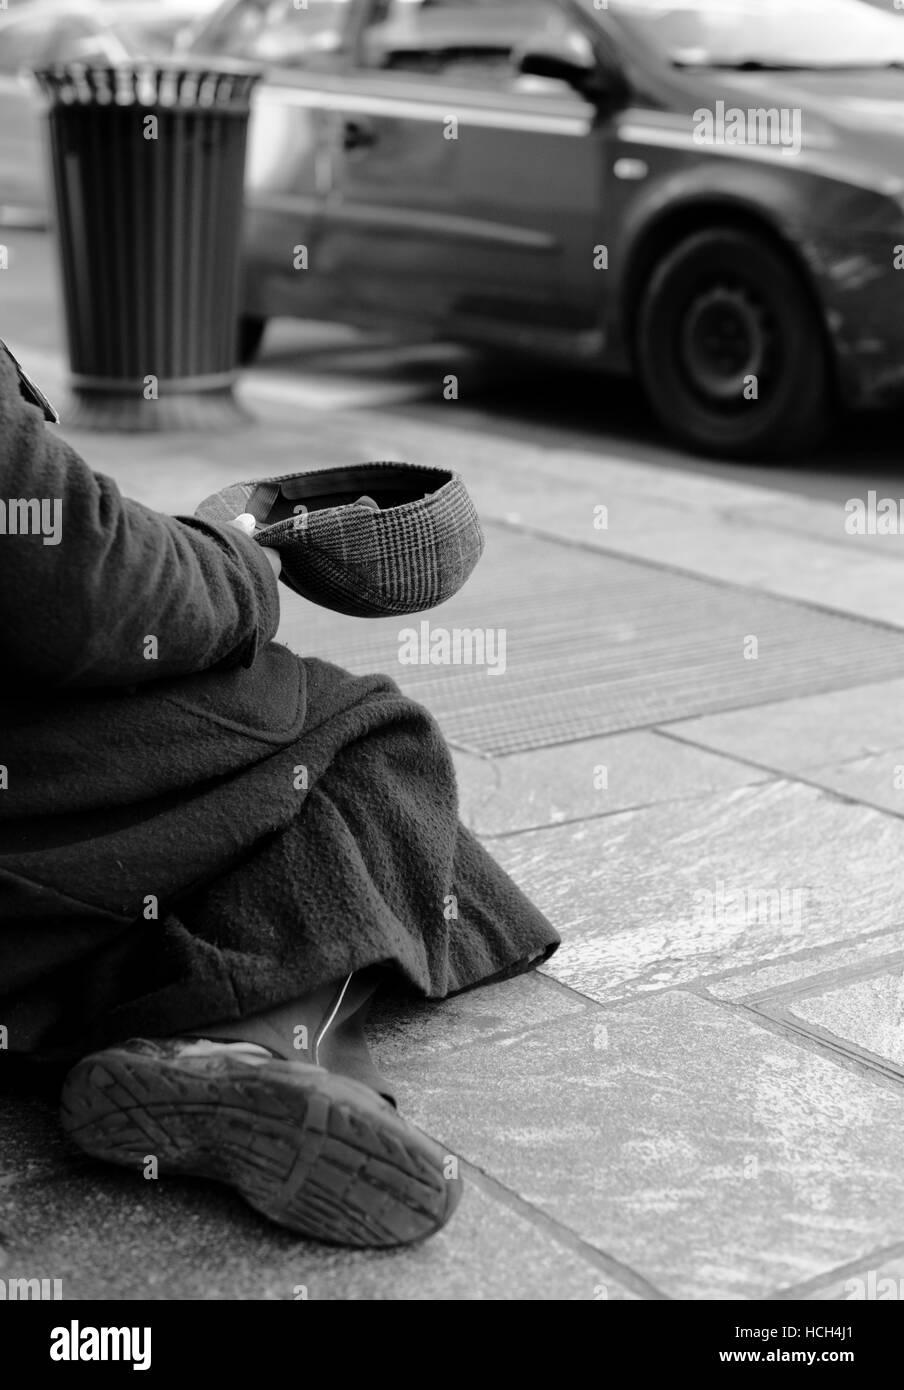 povertà Immagini Stock